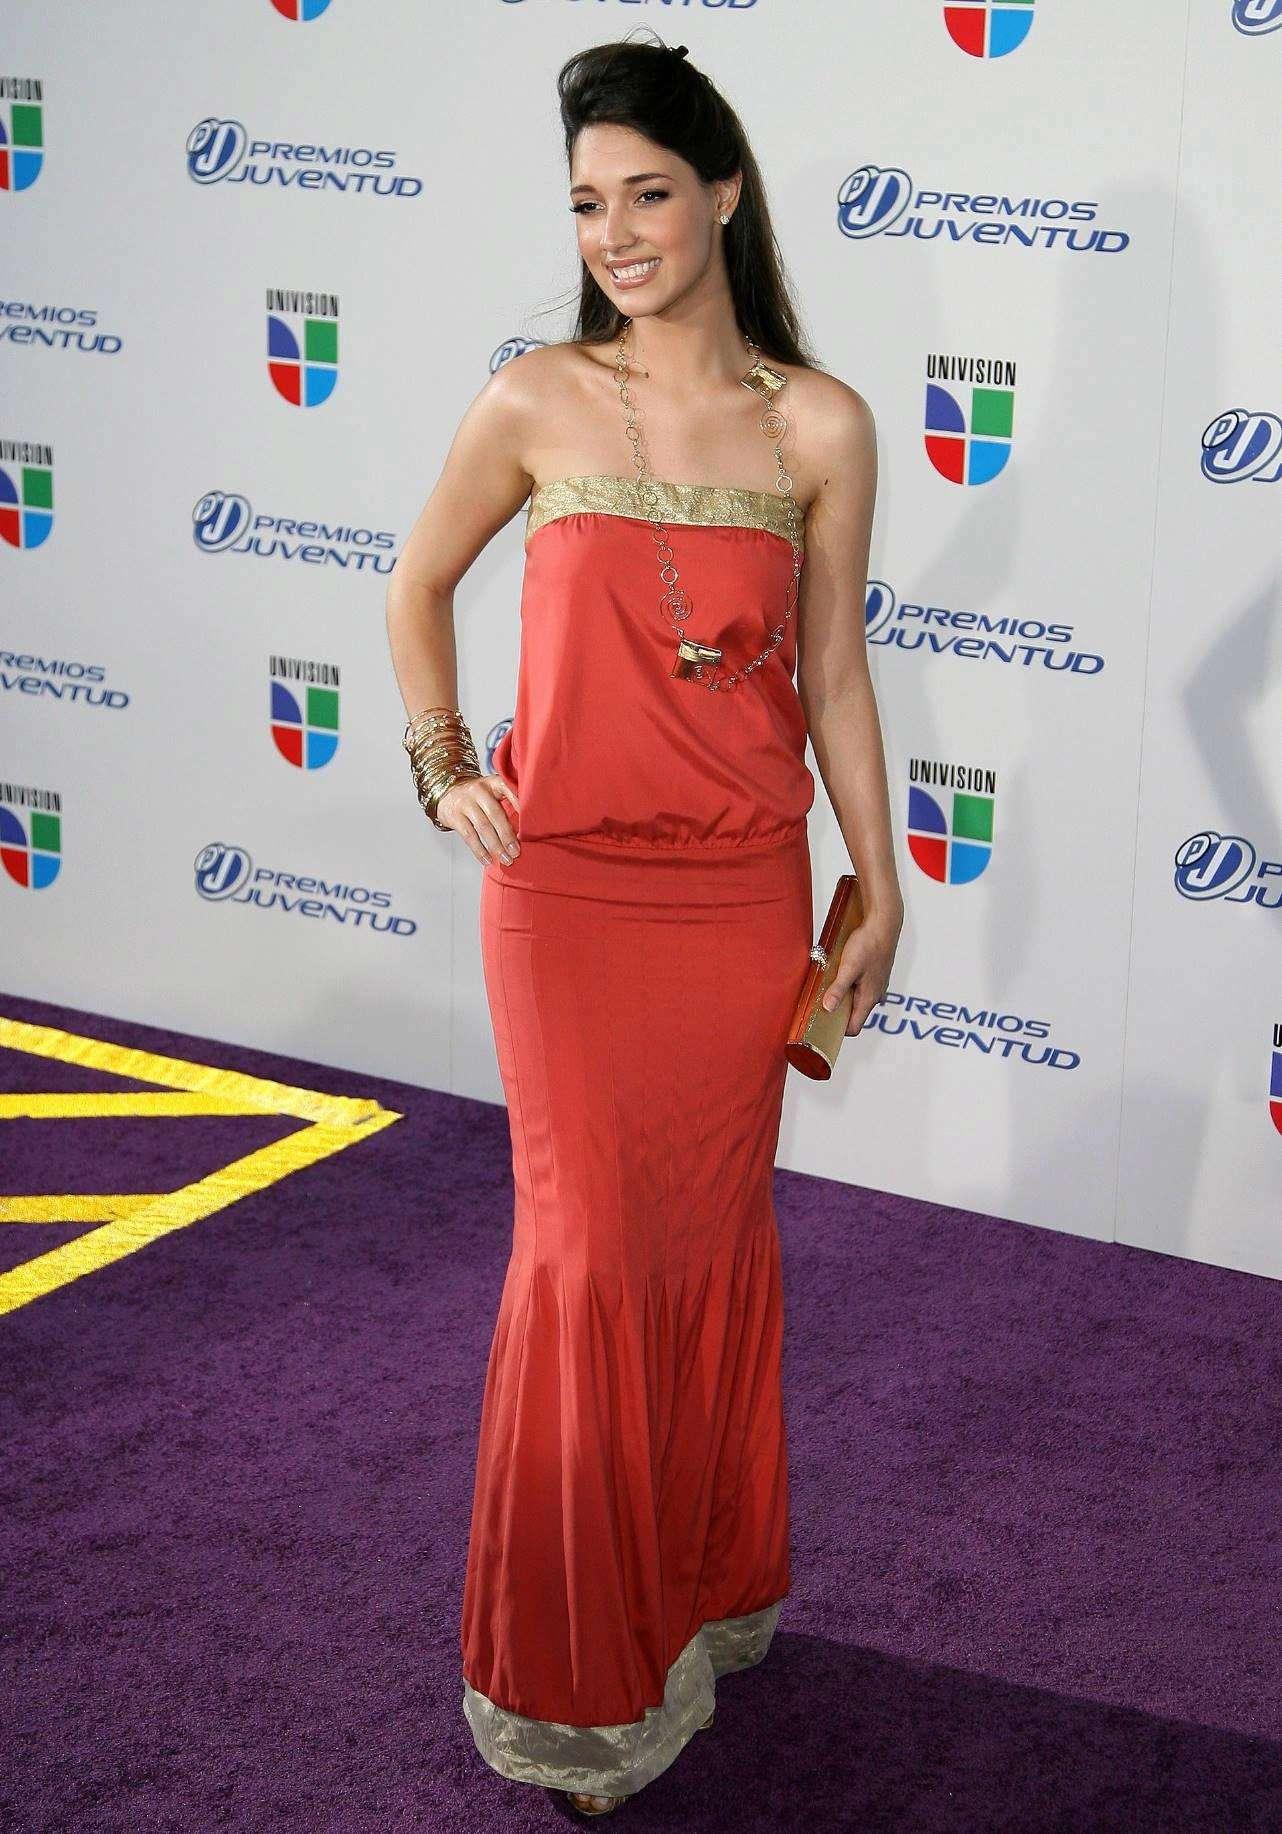 ════ ∘◦❁◦∘ ════ Amelia Vega, Miss Universe 2003. ════ ∘◦❁◦∘ ════ - Página 5 Amelia11